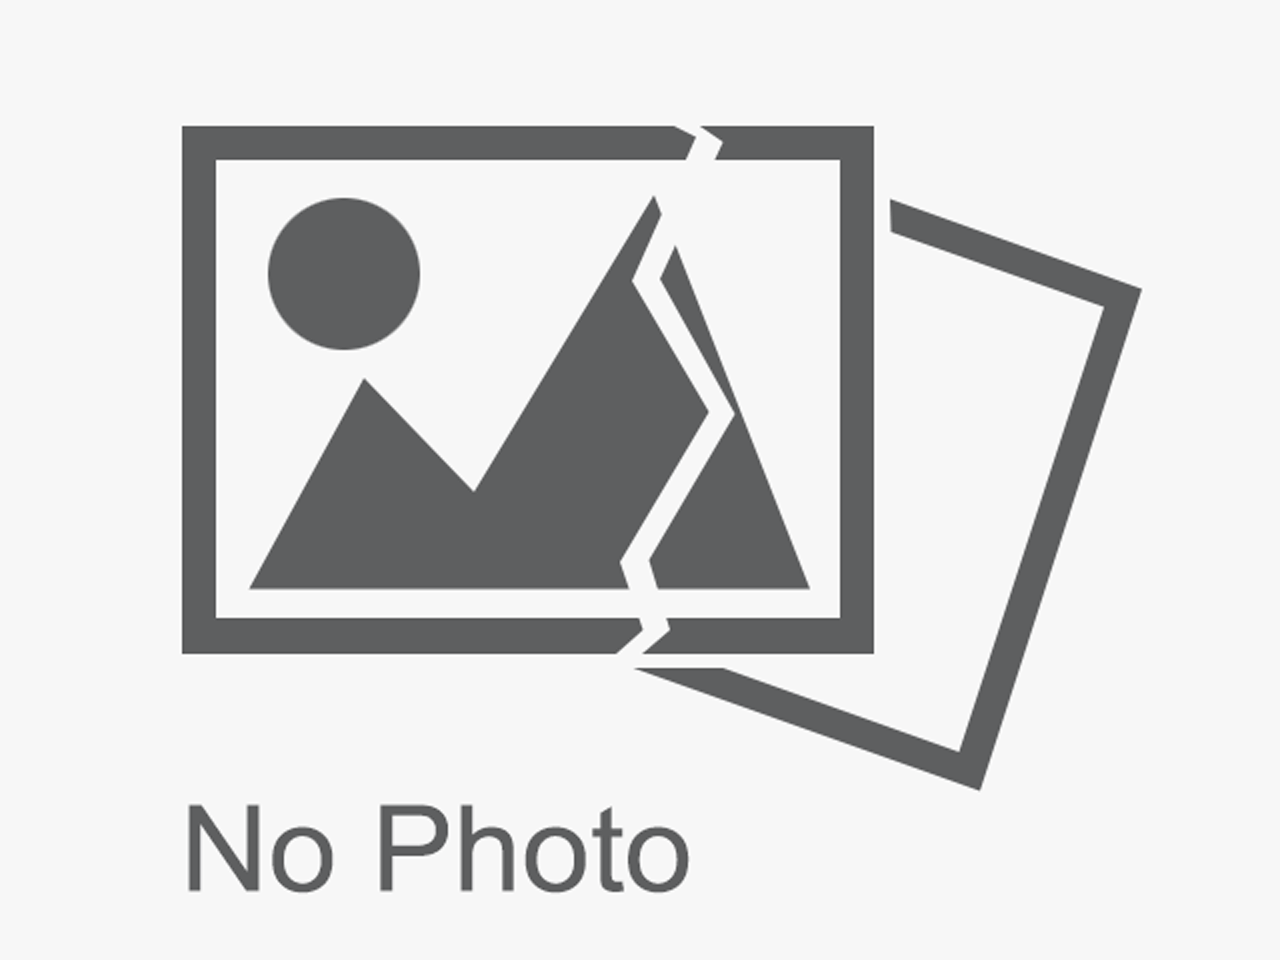 Használt OPEL ZAFIRA C Csomagtérajtó burkolat (komplett) Alkatrész